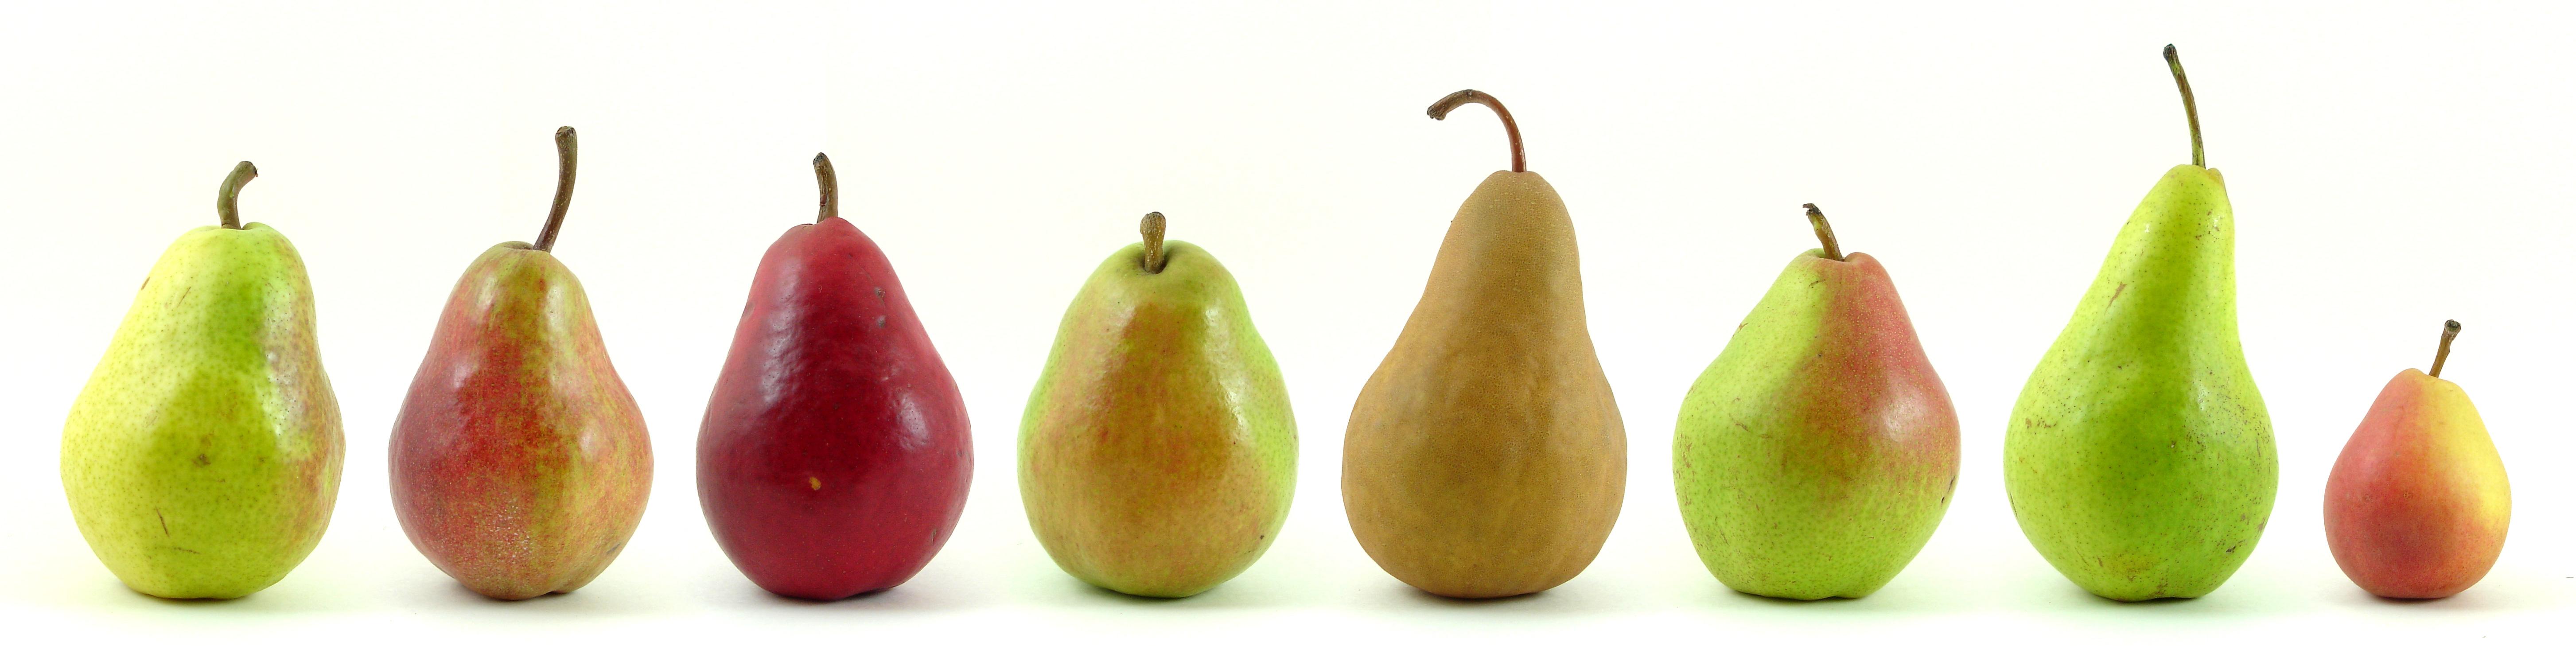 Eight_varieties_of_pears.jpg